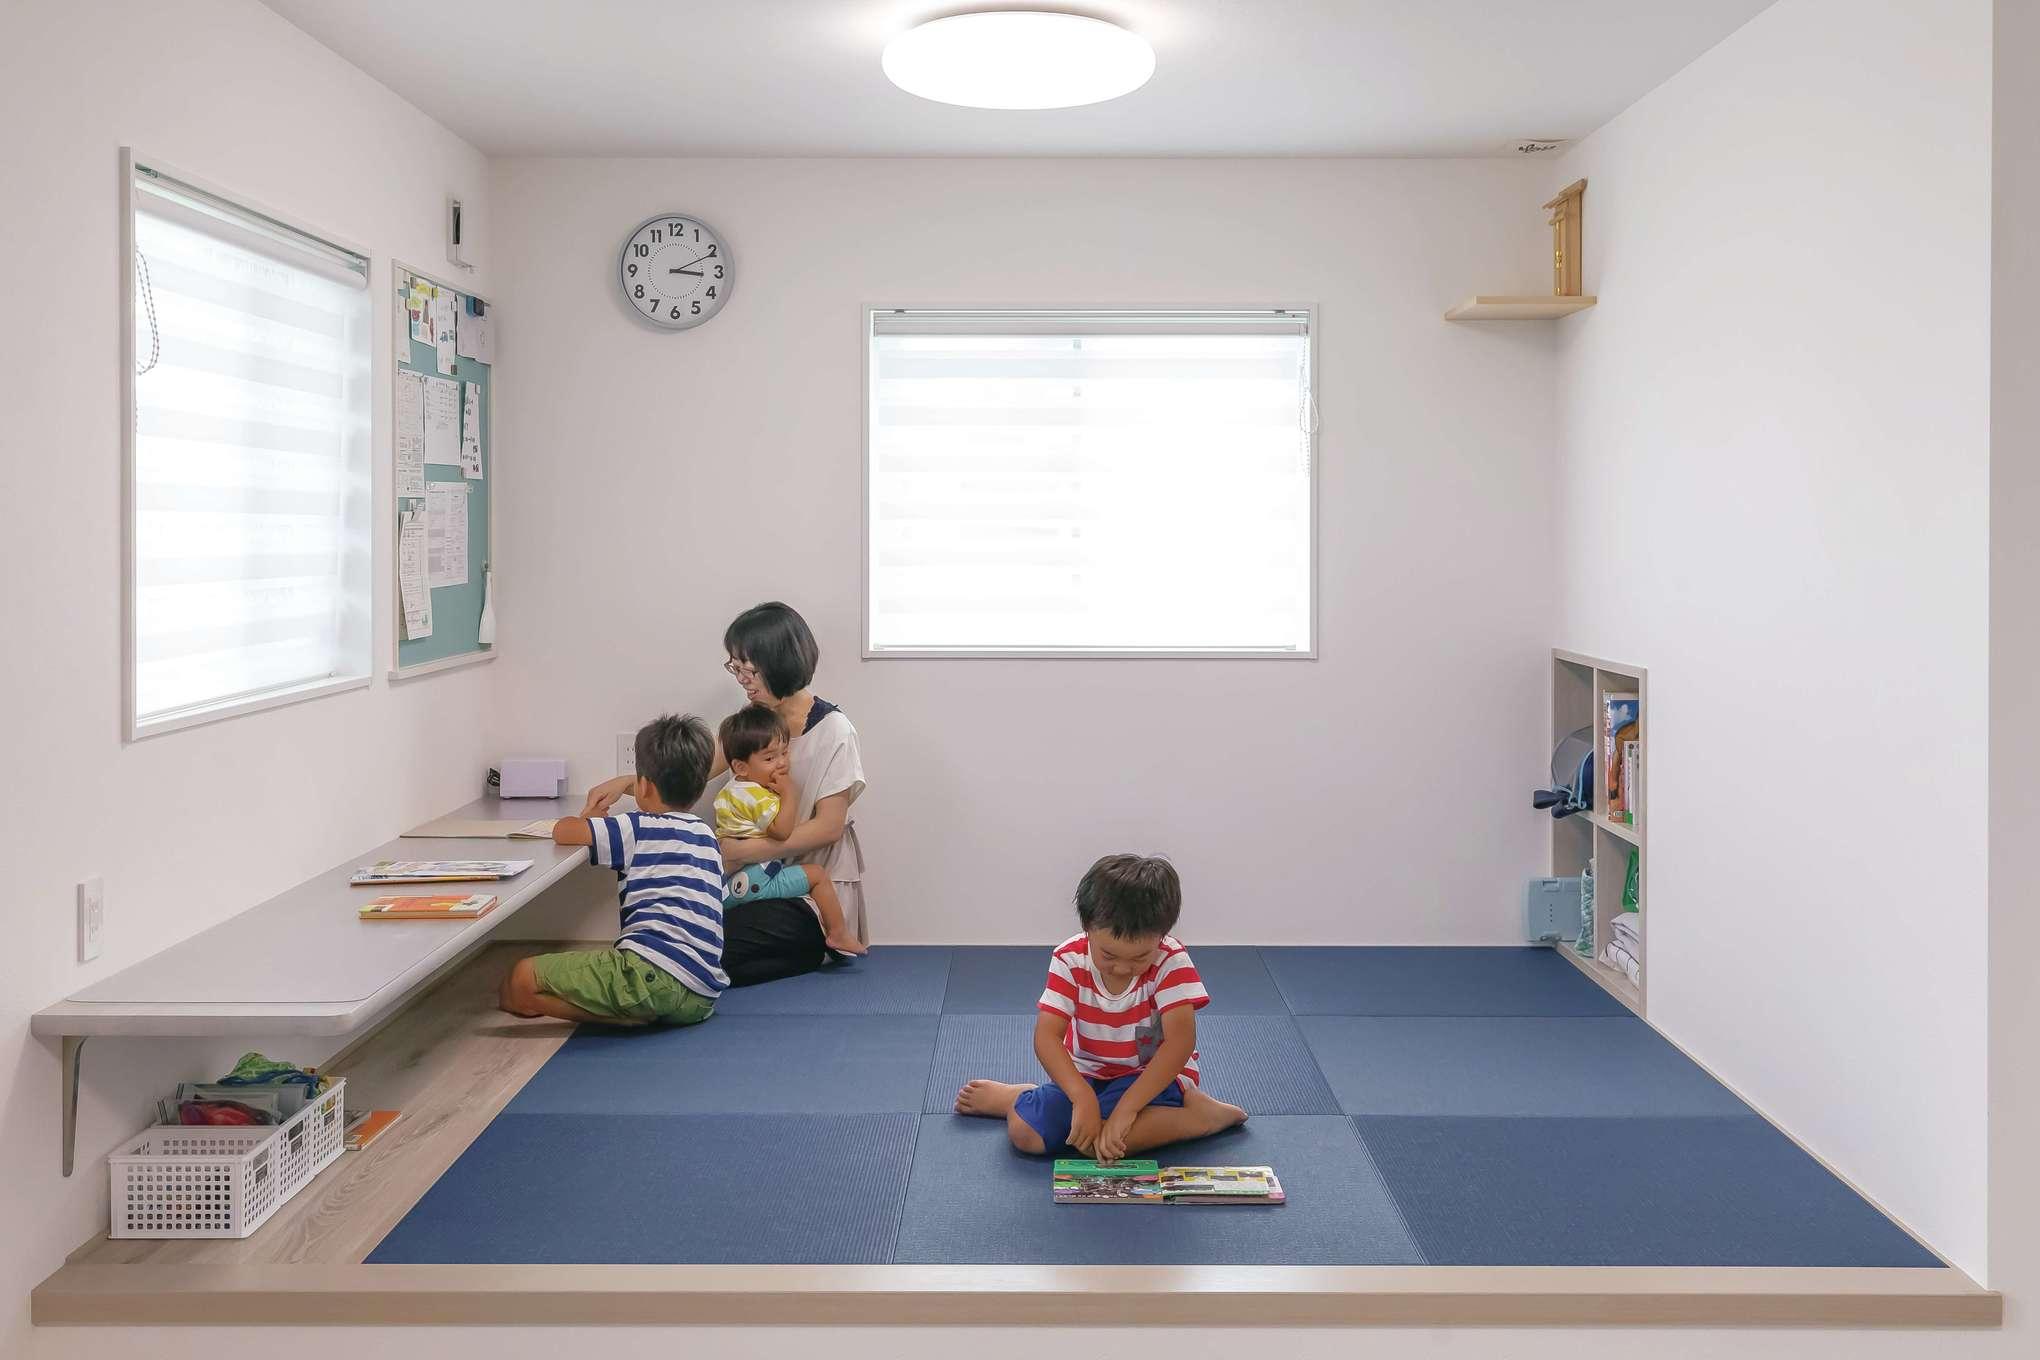 原田工務店【デザイン住宅、子育て、間取り】LDKの隣に設けた小上がりの畳コーナーは当面キッズスペースとして利用。スタディカウンターとマグネットボード、学用品をしまう収納を設けてある。畳の色はもちろんブルー